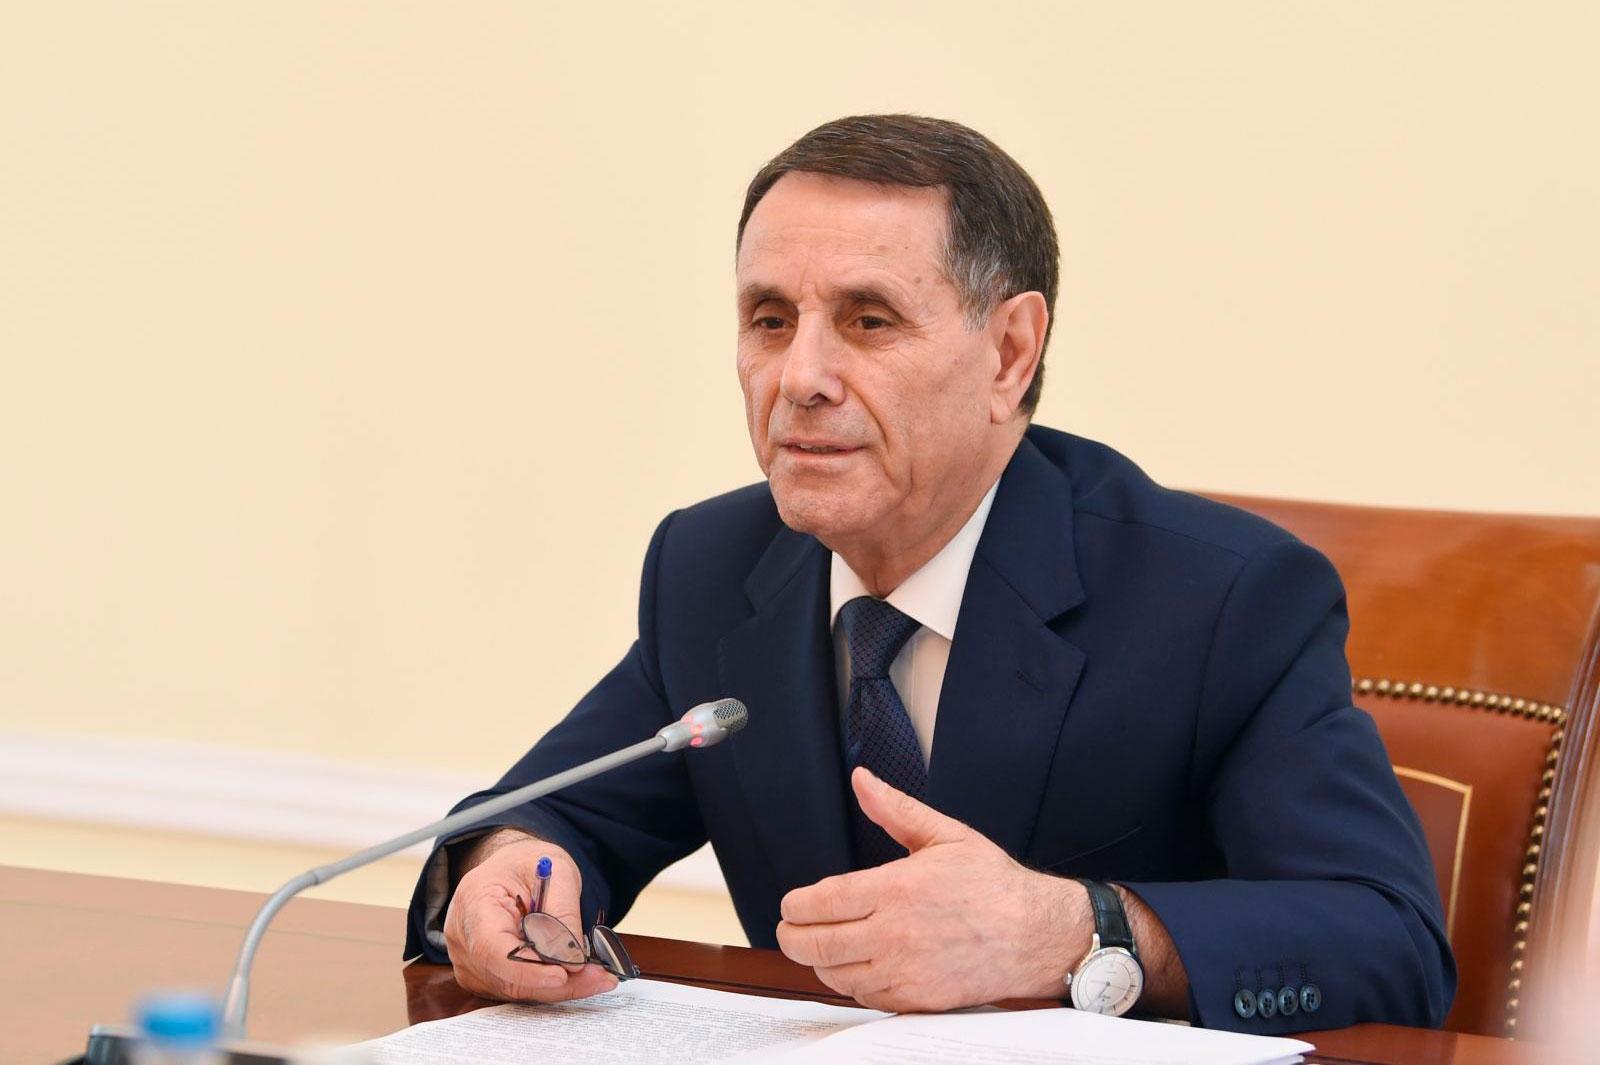 Novruz Məmmədov Yol Hərəkəti Təhlükəsizliyi Komissiyası üzvlərinin Siyahısında dəyişiklik etdi